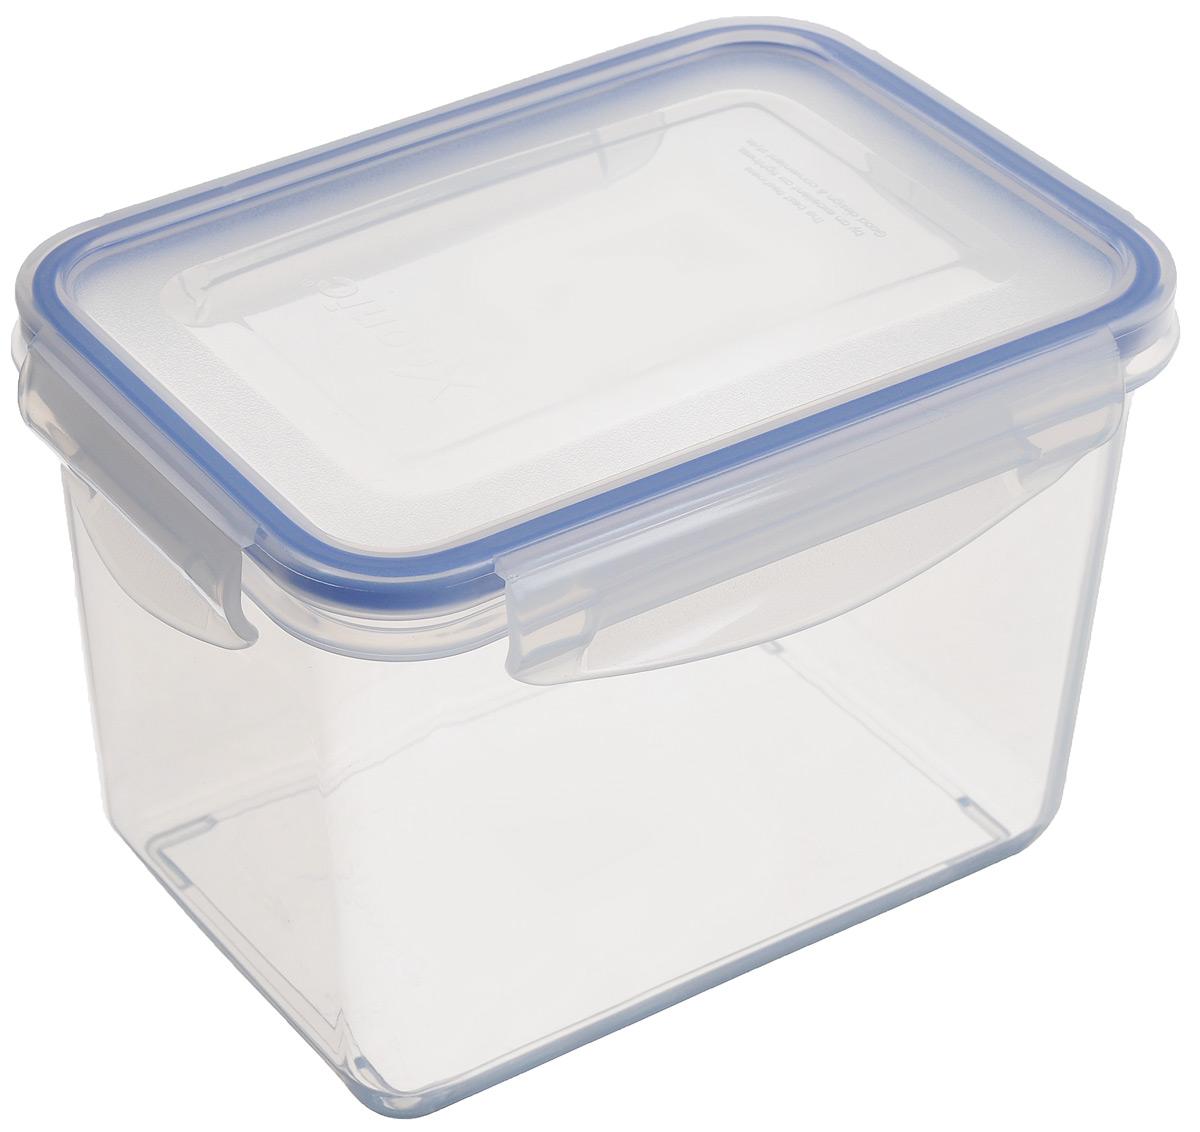 Контейнер Xeonic, цвет: прозрачный, синий, 1,3 л810027Прямоугольный контейнер Xeonic изготовлен из высококачественного полипропилена и предназначен для хранения любых пищевых продуктов. Крышка с силиконовой вставкой герметично защелкивается специальным механизмом. Изделие устойчиво к воздействию масел и жиров, не впитывает запахи.Контейнер Xeonic удобен для ежедневного использования в быту.Можно мыть в посудомоечной машине и использовать в СВЧ.Размер контейнера (по верхнему краю): 16 см х 11 см.Высота контейнера (без учета крышки): 11 см.